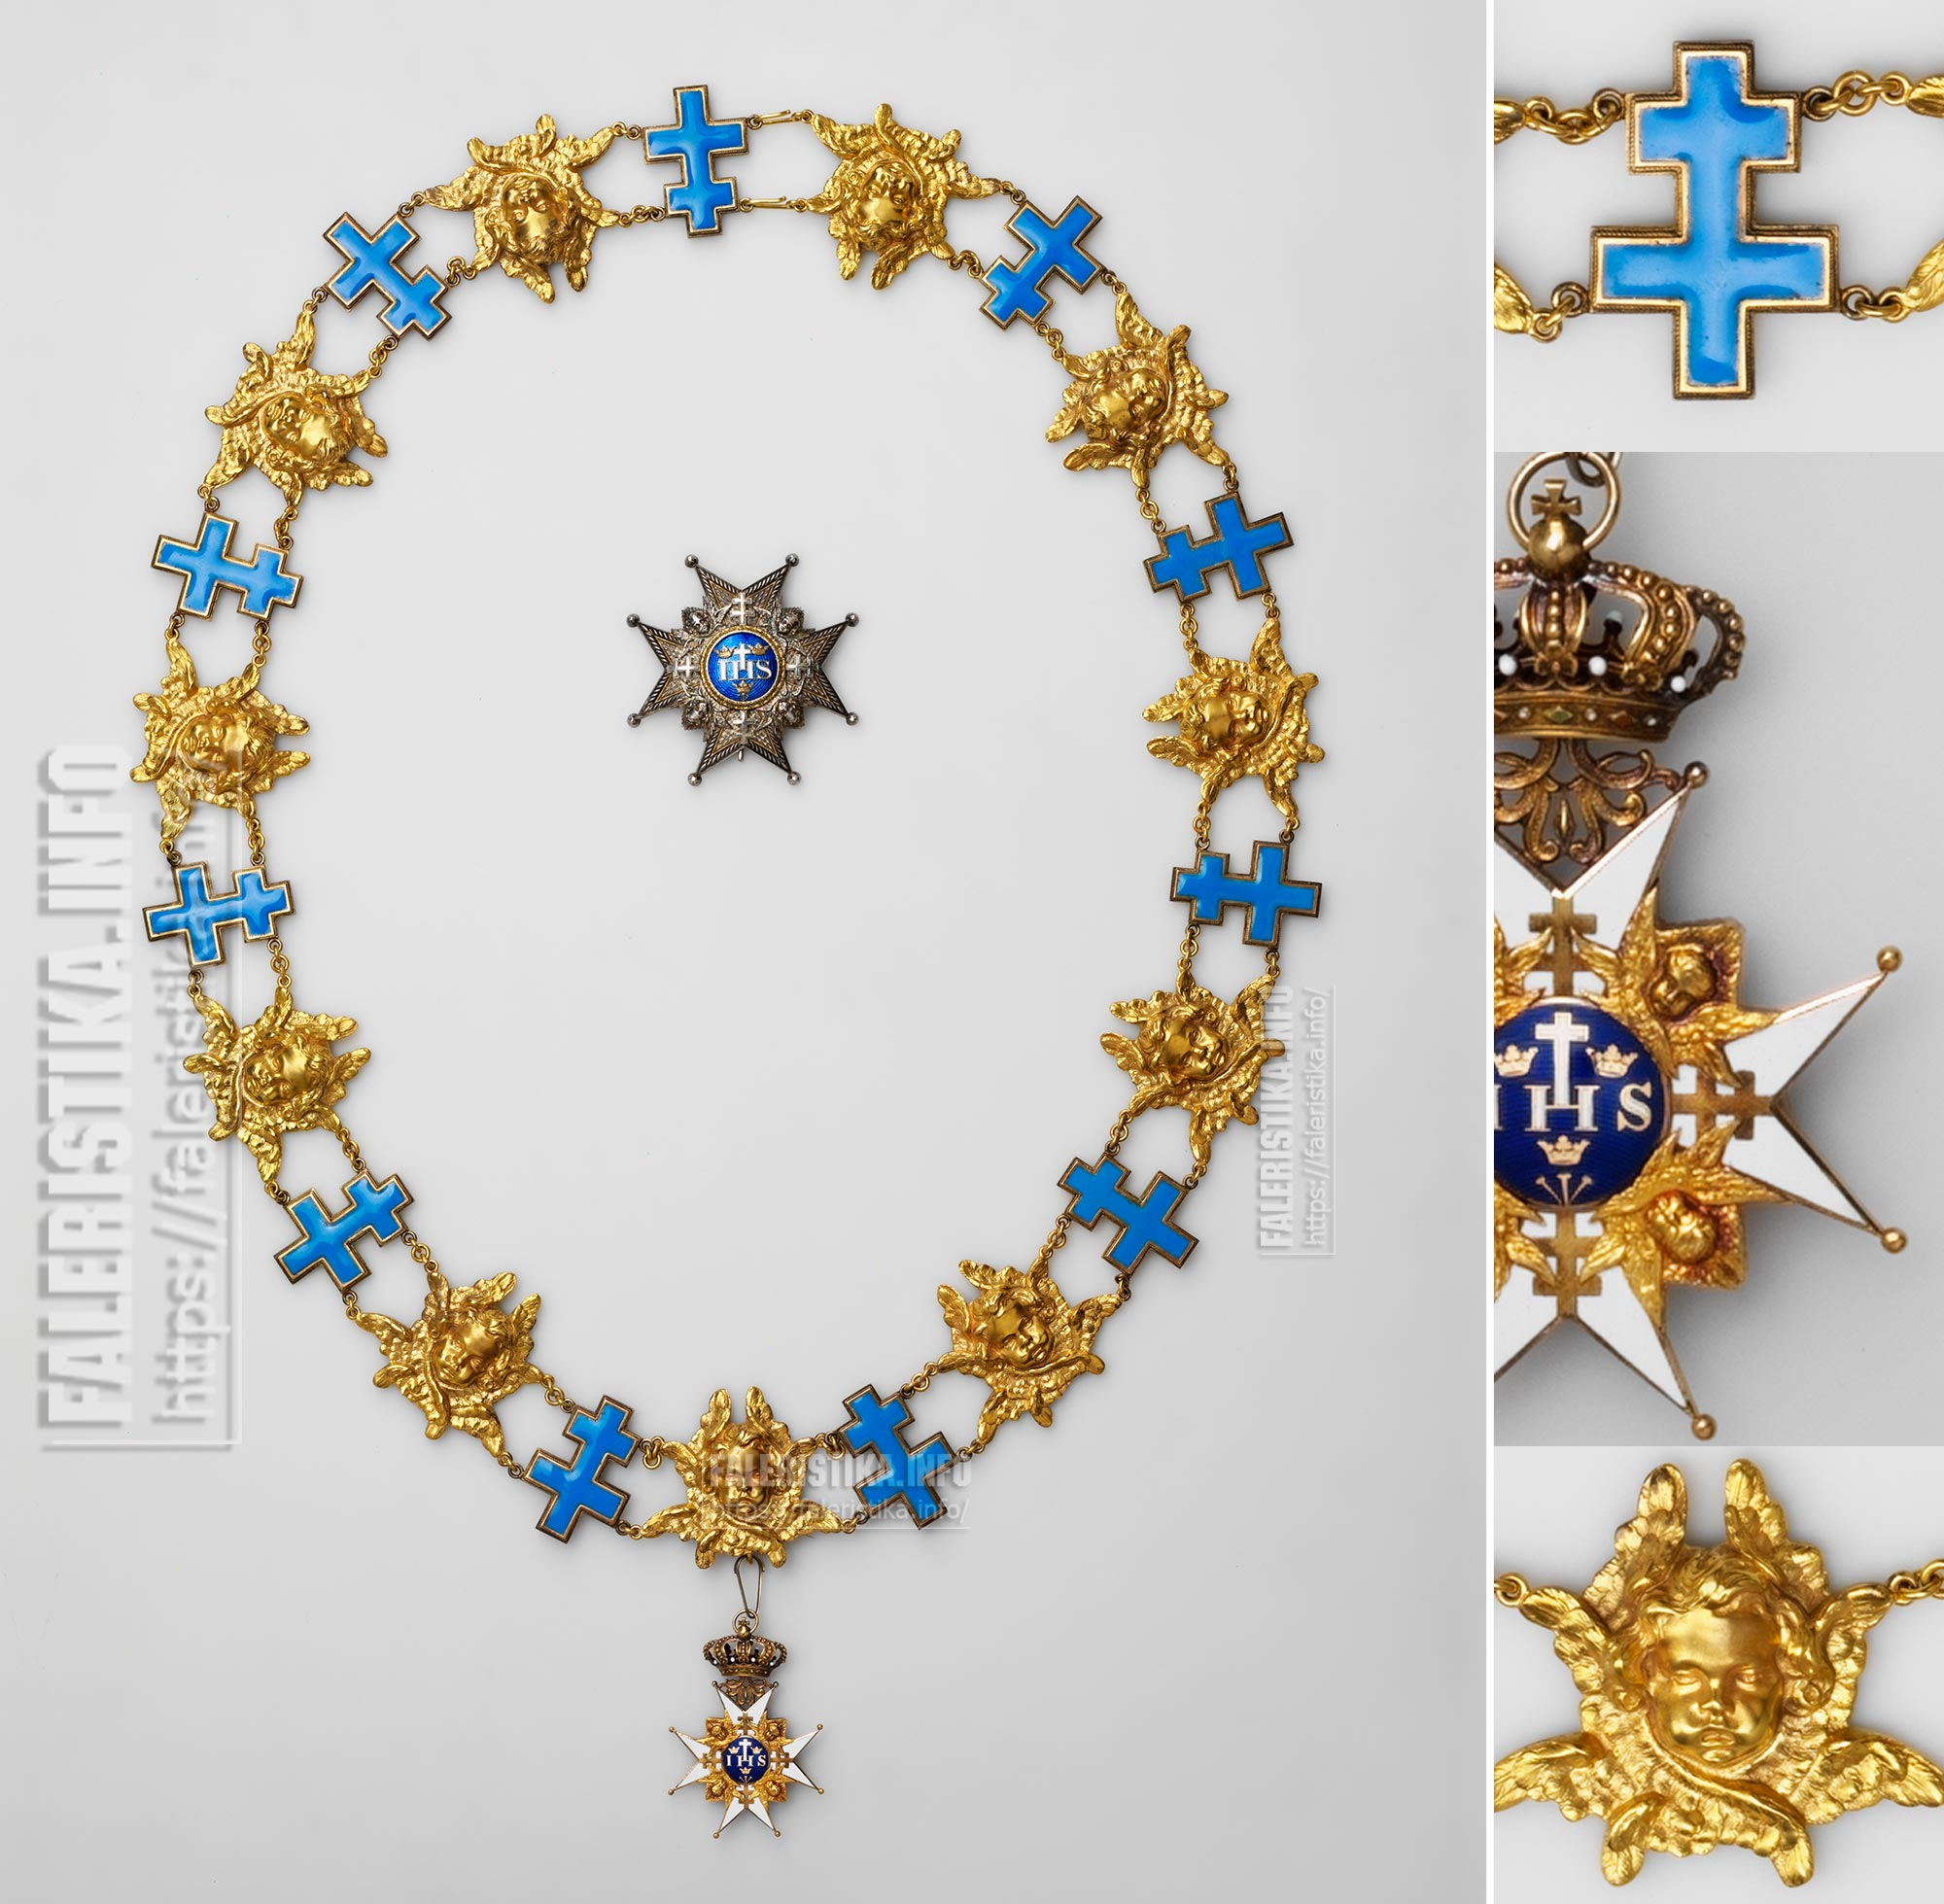 Орден Серафимов. Учрежден в 1748 г. Цепь, знак, звезда. Комплект принадлежал императору  (негусу) Эфиопии (Абиссинии) Хайле Силассие